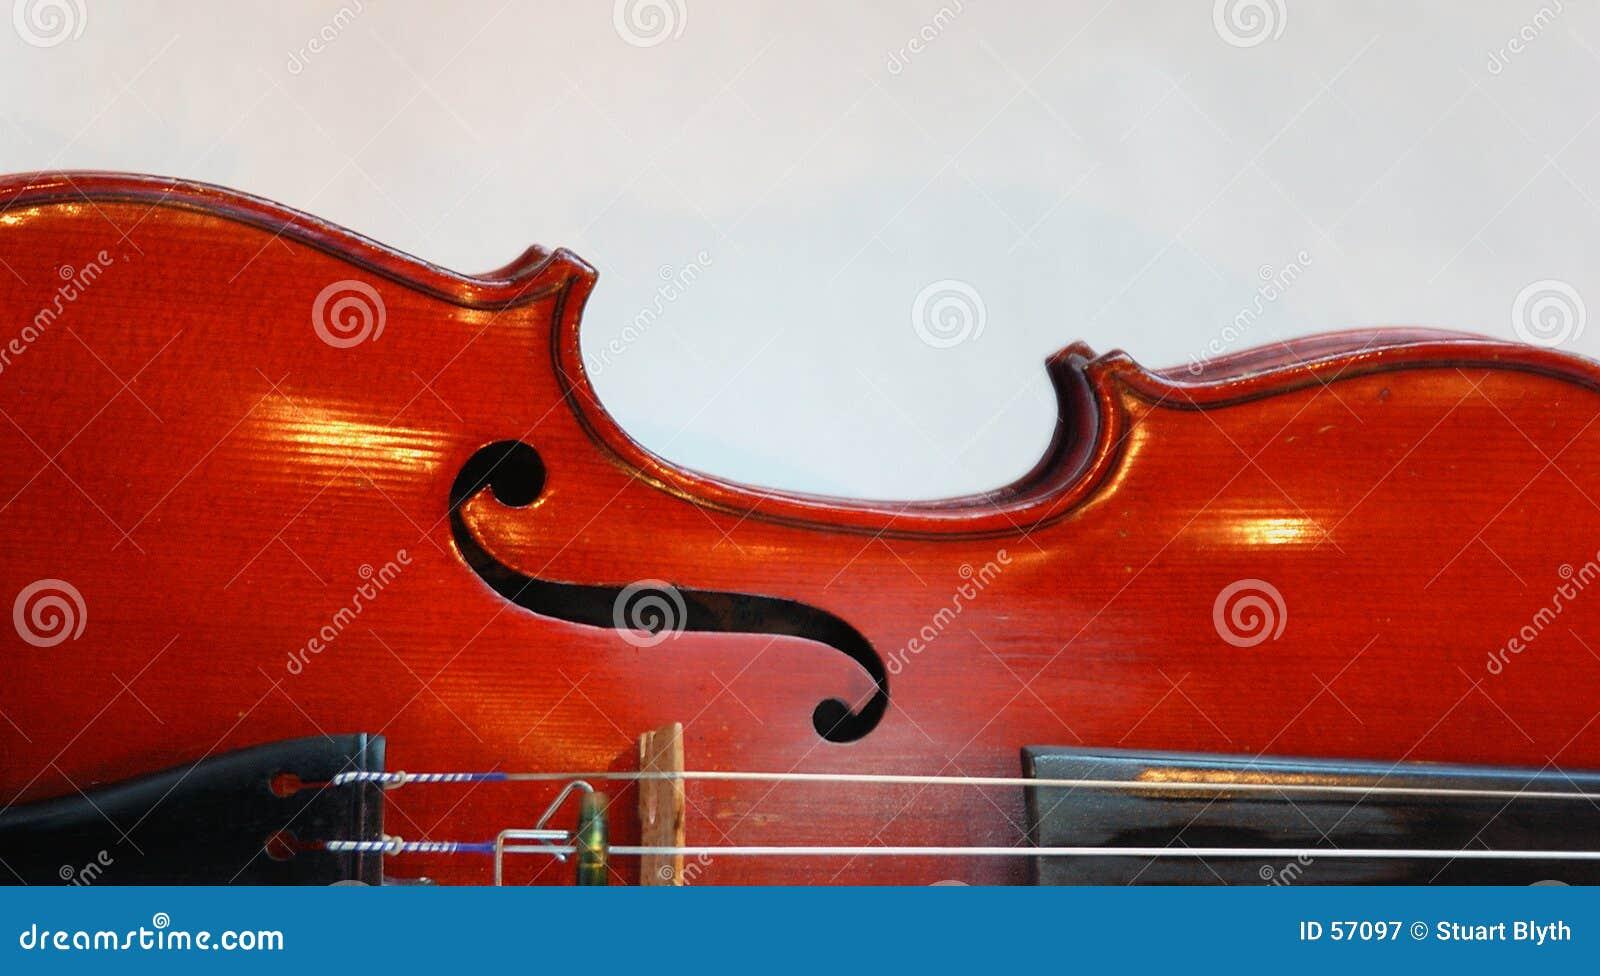 Download Fuselage de violon image stock. Image du instrument, musique - 57097